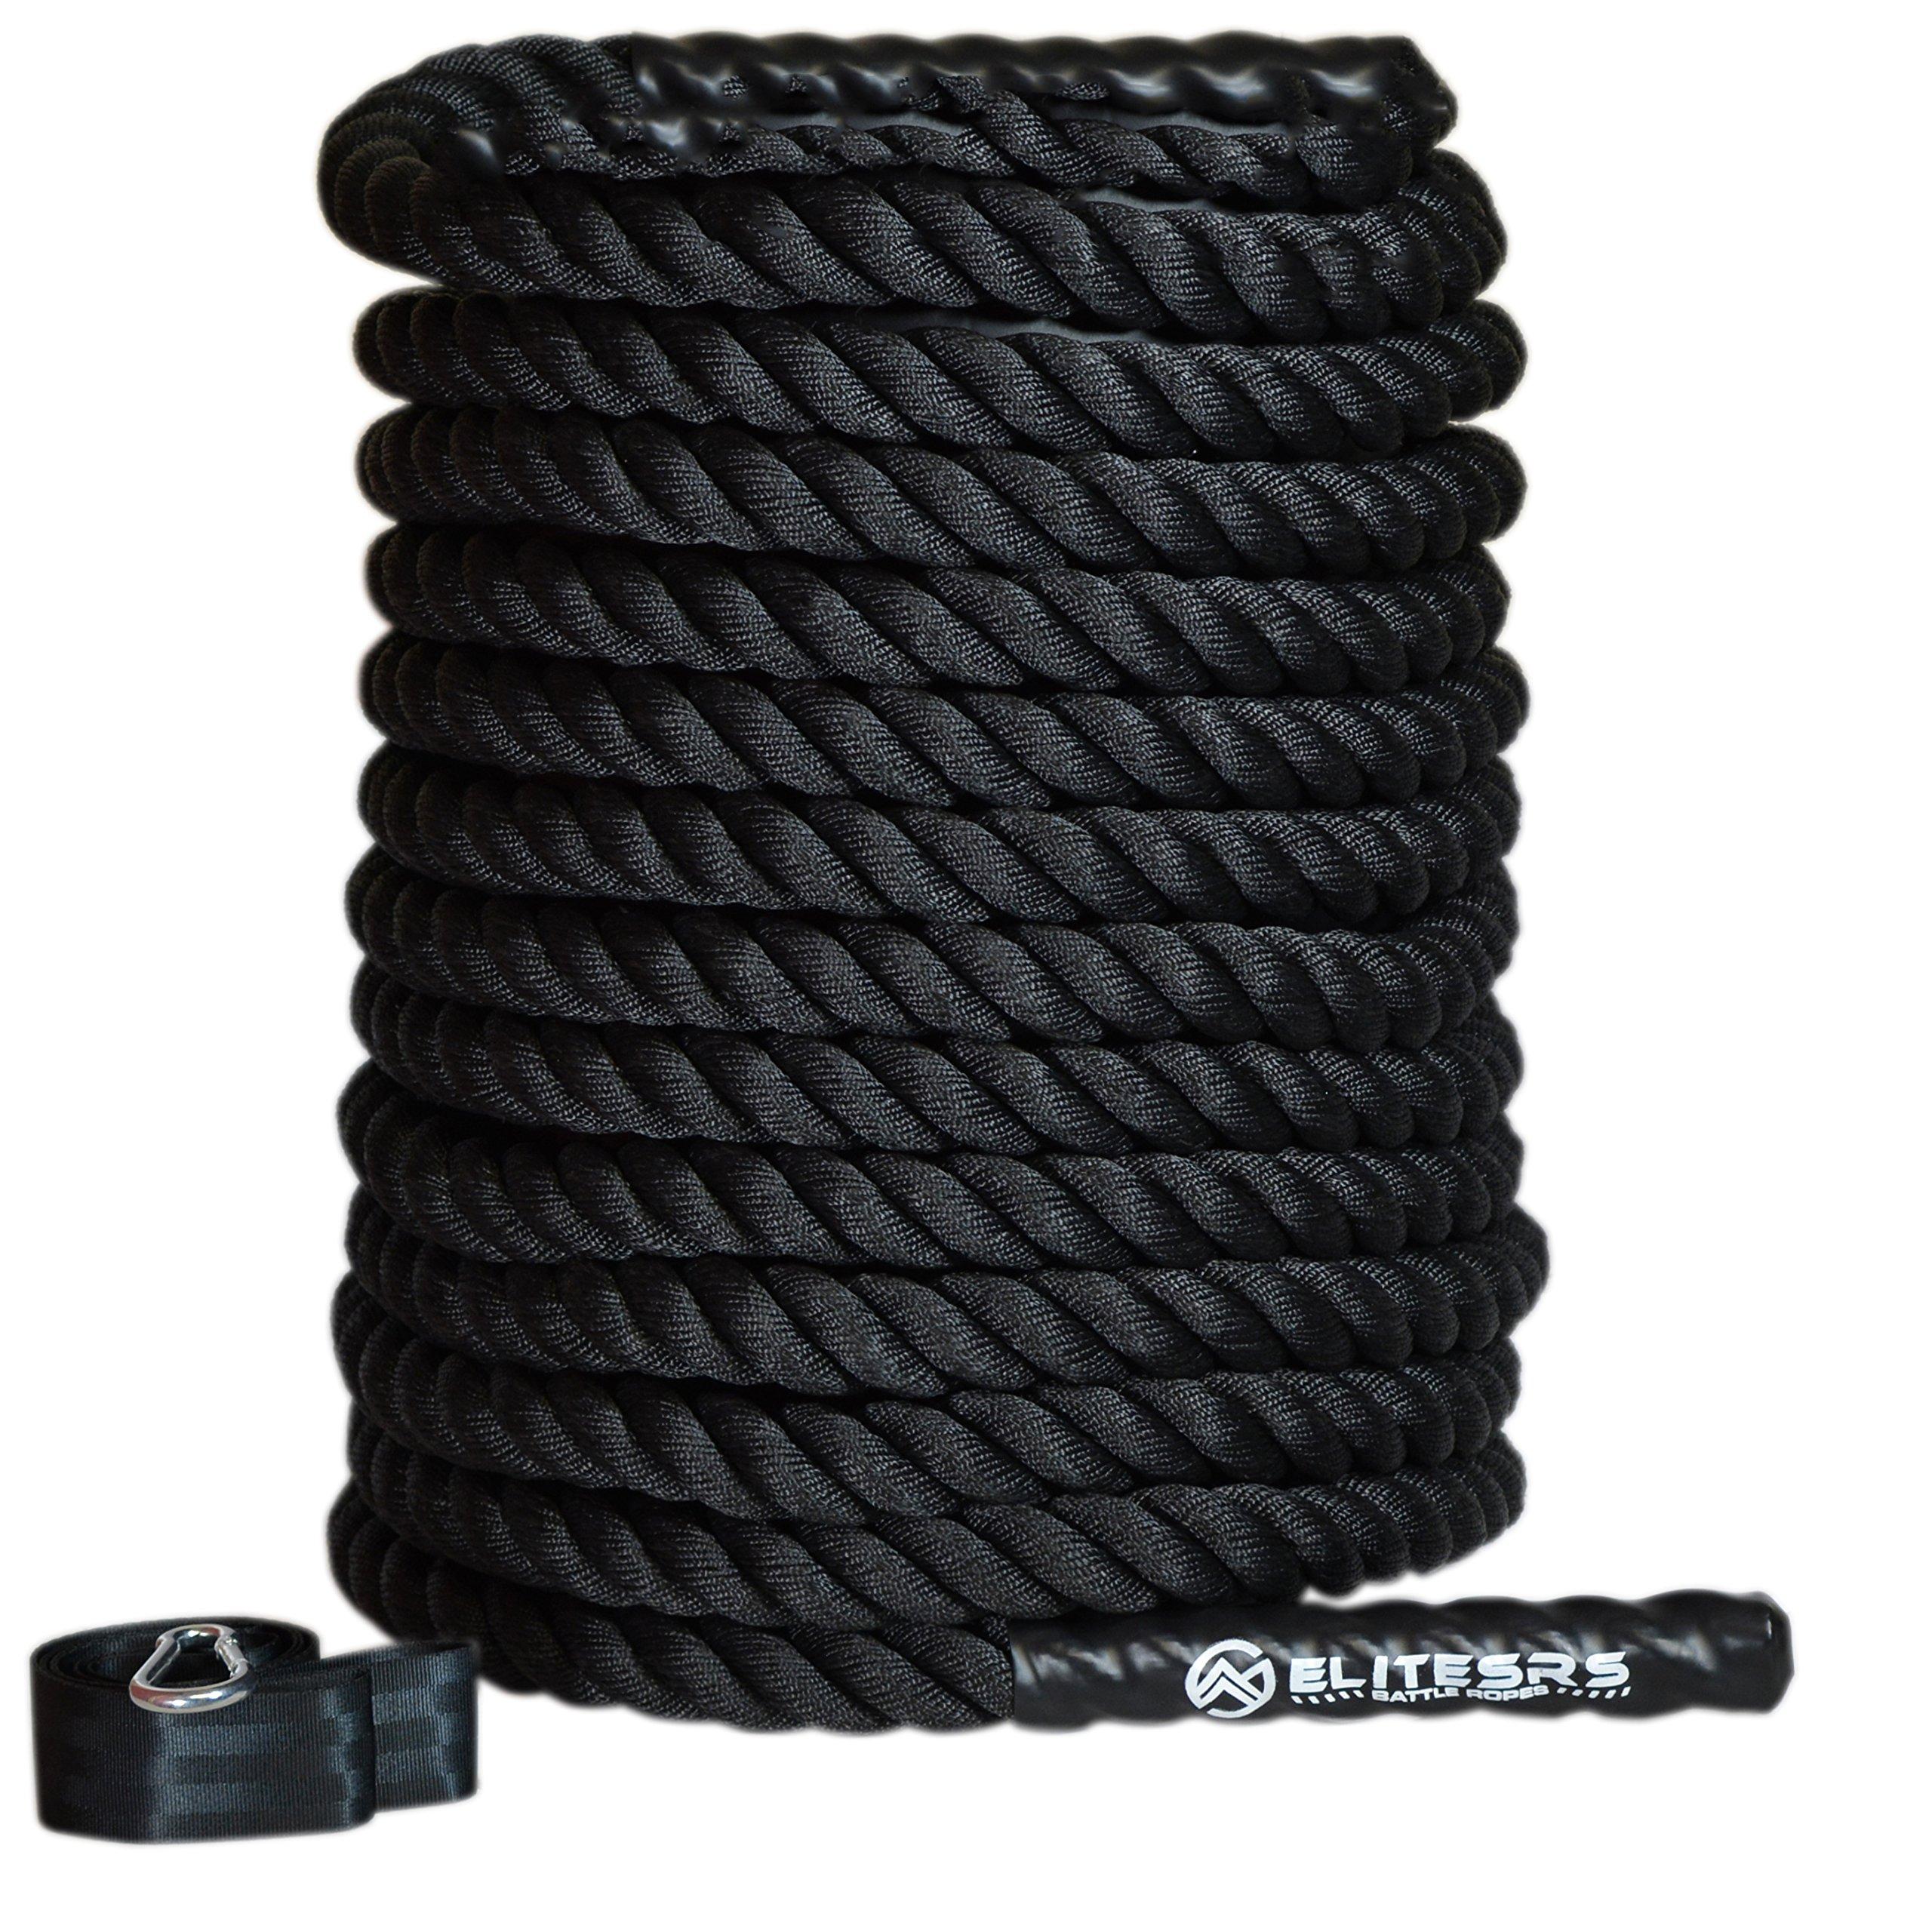 EliteSRS 30ft Battle Rope Kit 2'' Fitness Workout - Sleeve - Anchor Straps (Black) by EliteSRS